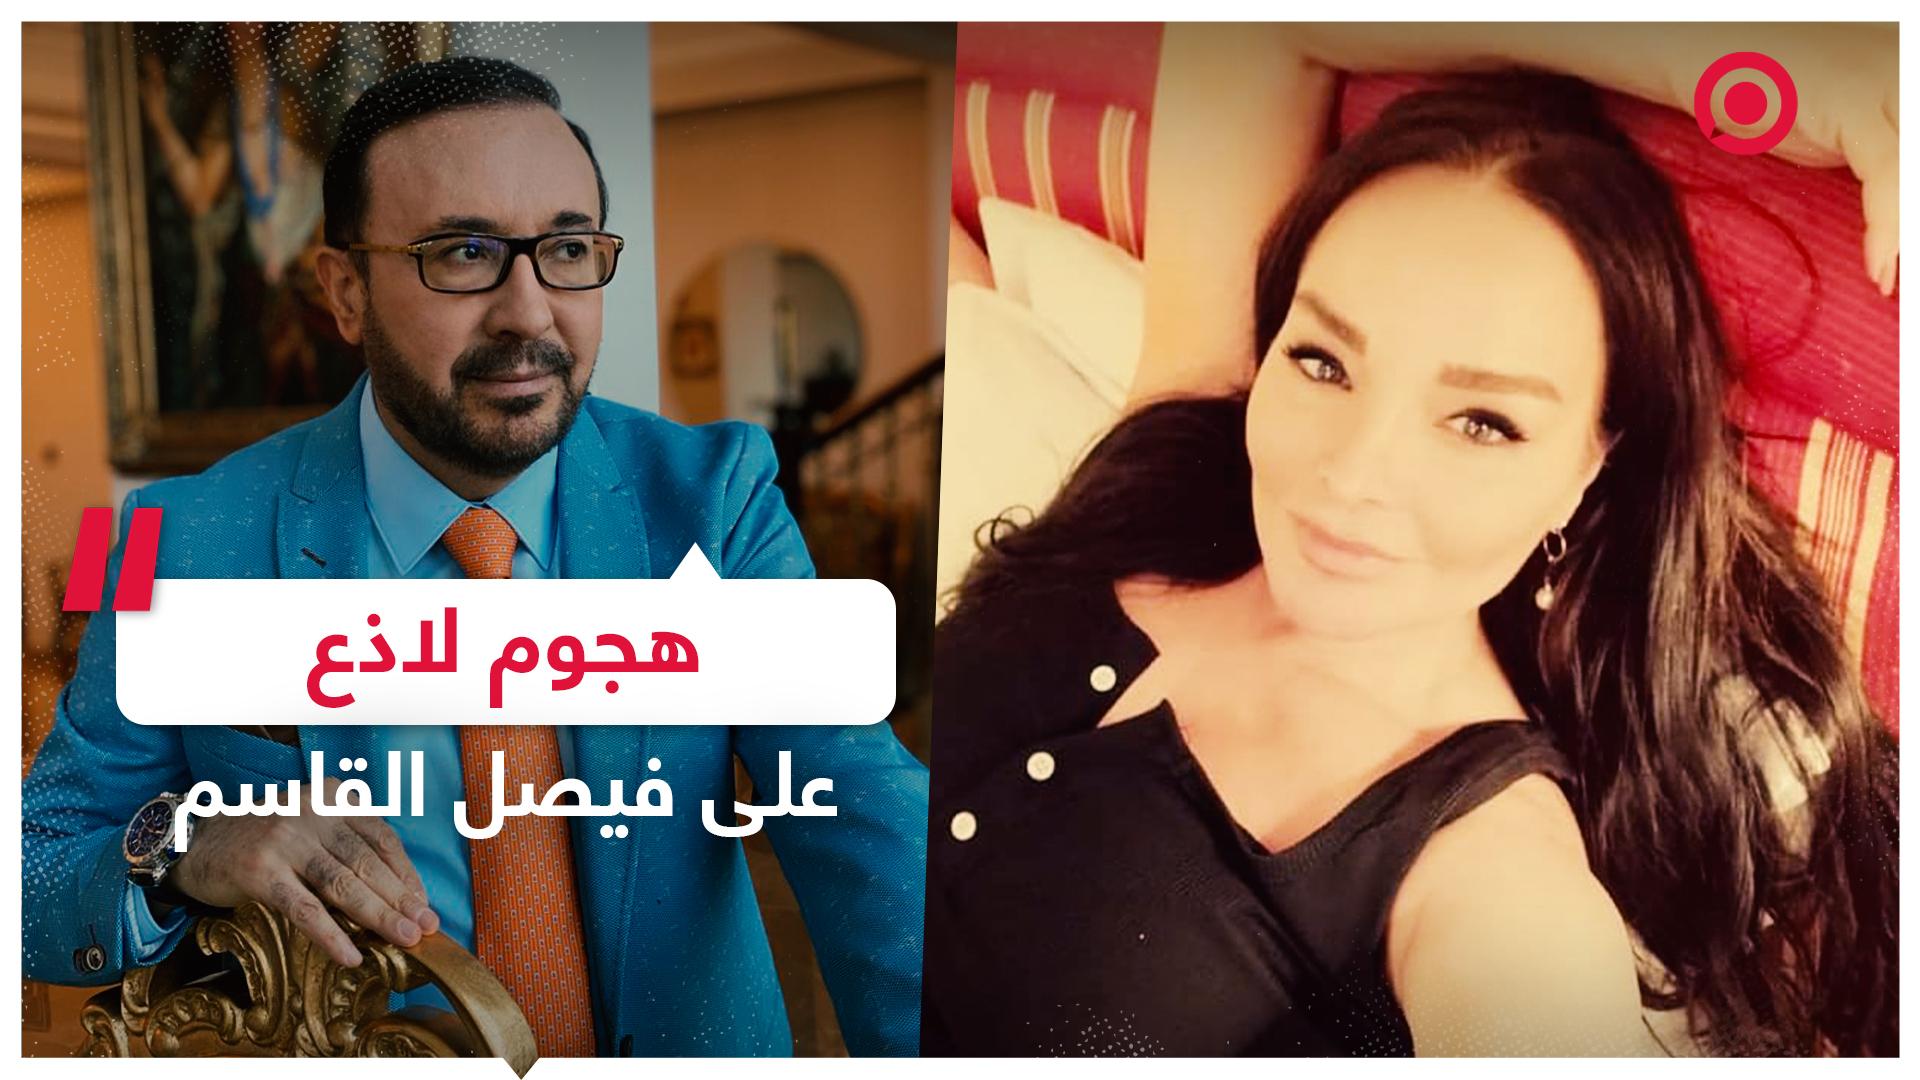 الممثلة السورية تولين البكري ترد على فيصل القاسم